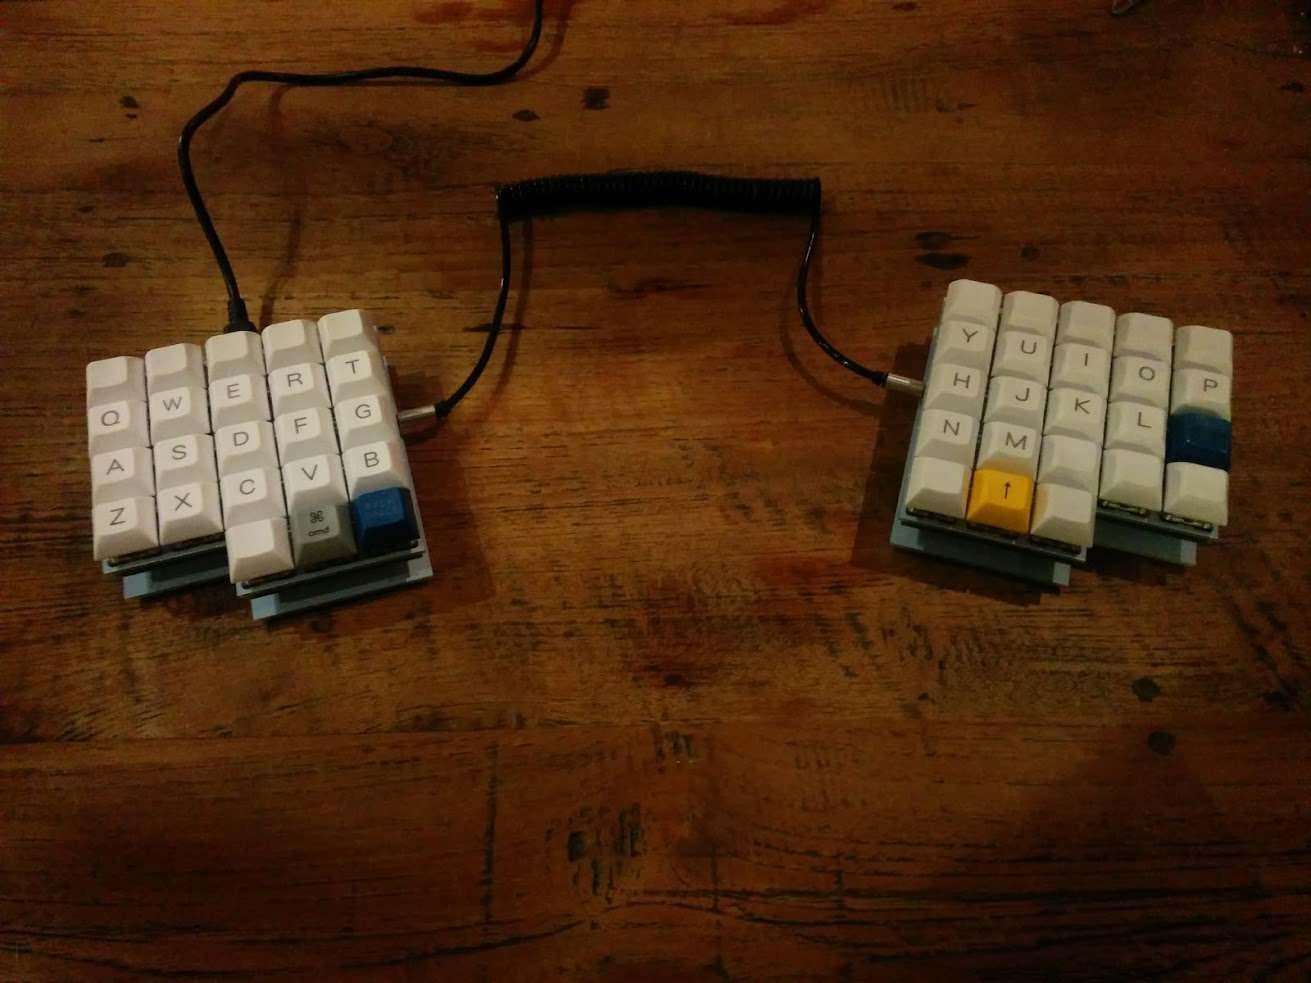 Final assembled keyboard